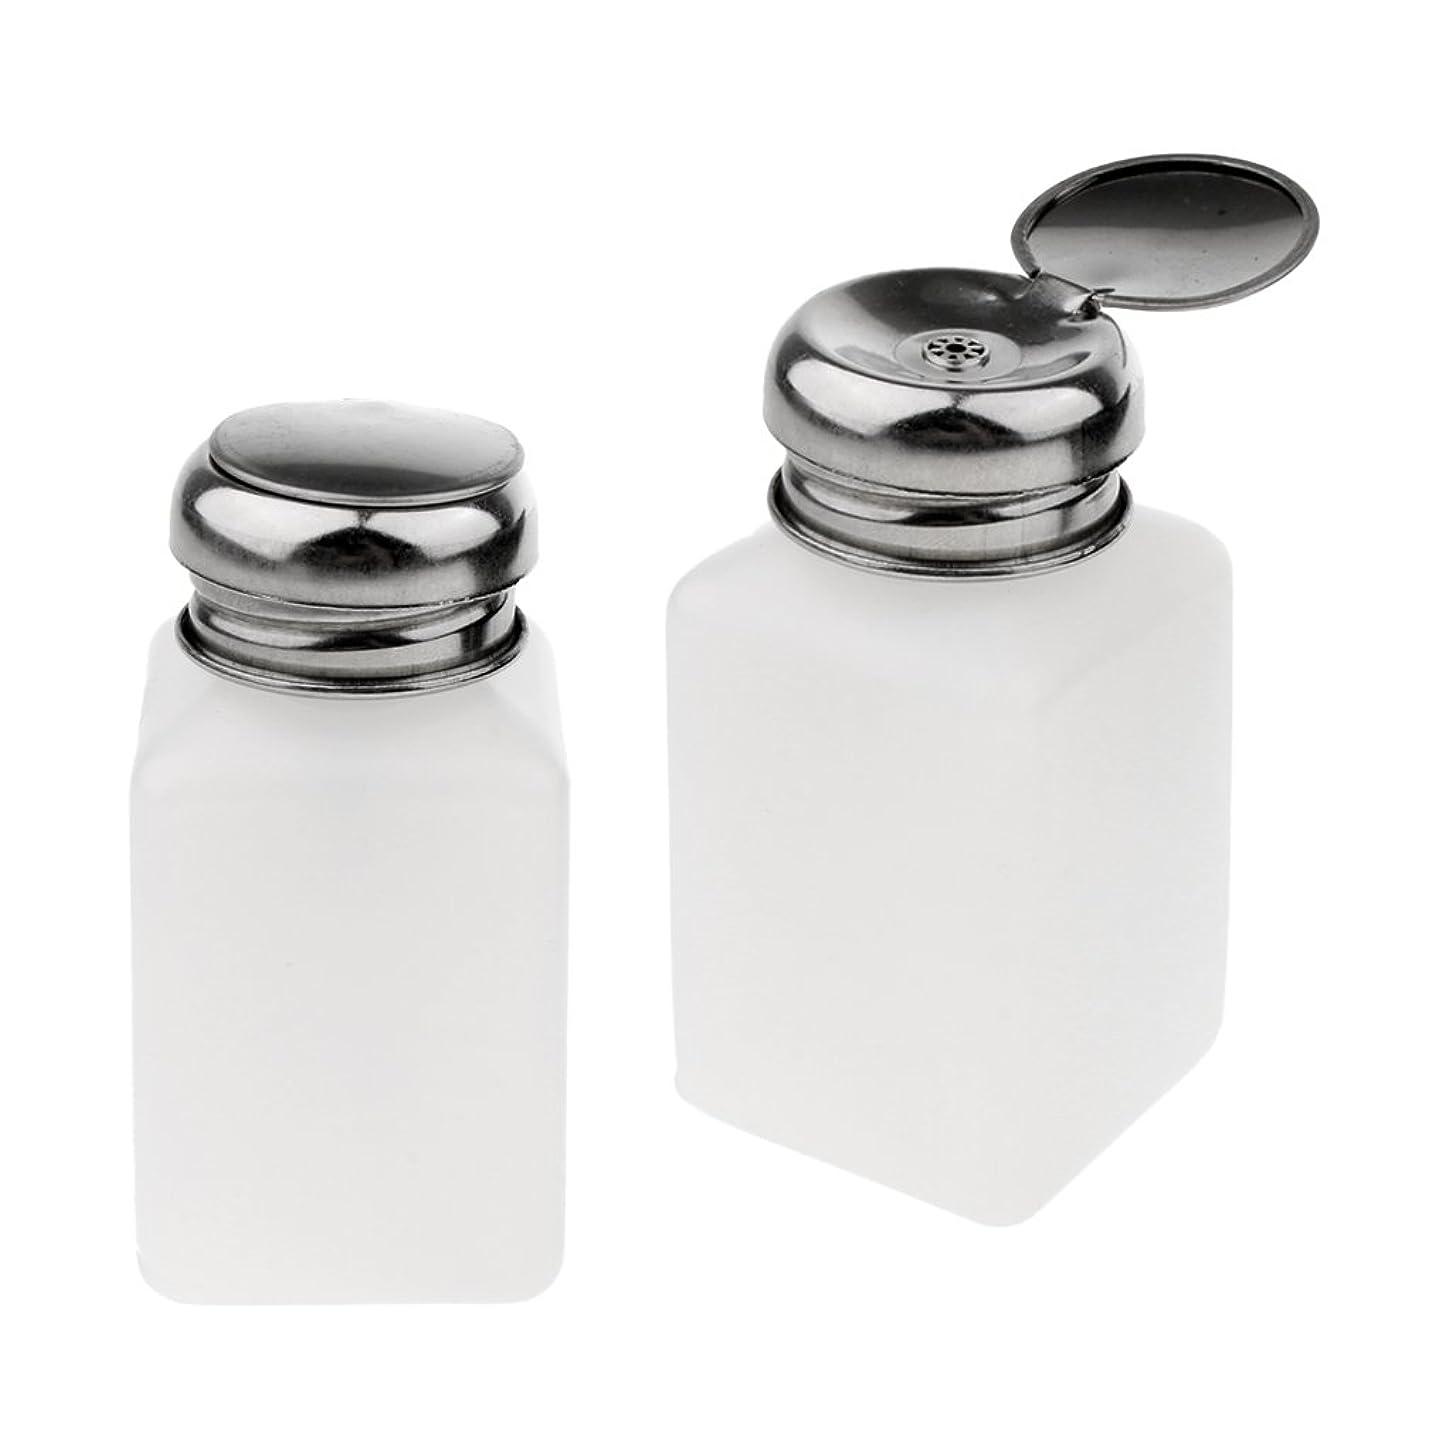 発症上ピッチ2部分の空の明確なローションの容器の真空出版物ポンプびん、マニキュアのためのResuableの携帯用スキンケア/マニキュアの除去剤の走行の容器 - 200ミリリットル